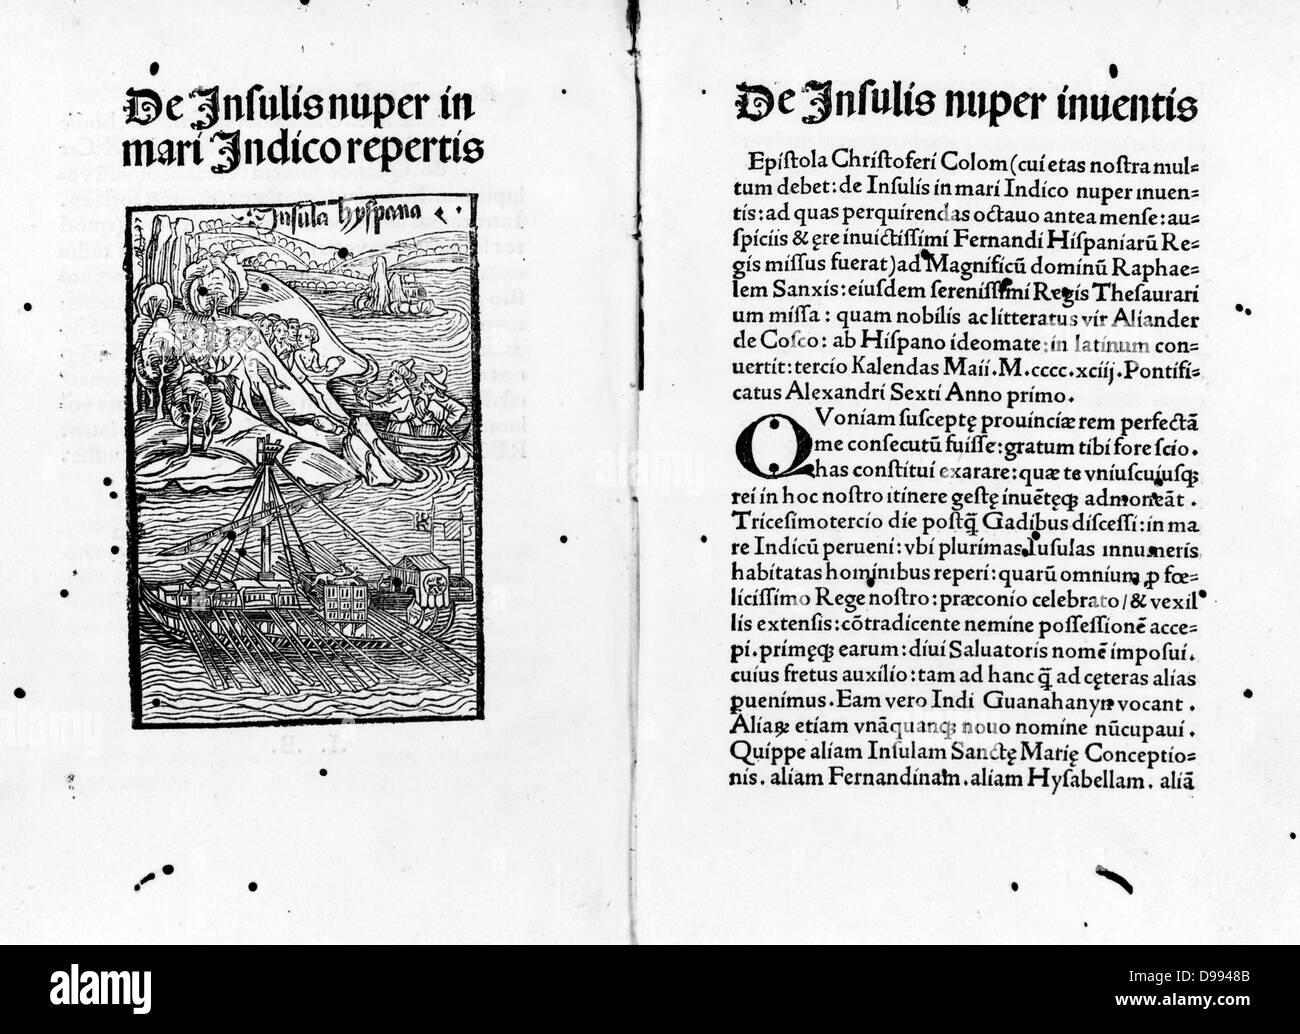 De insulis nuper in Mari Indico repertis [and] de insulis nuper inventis Illustration by Carlo Verardi, 1440-1500. - Stock Image